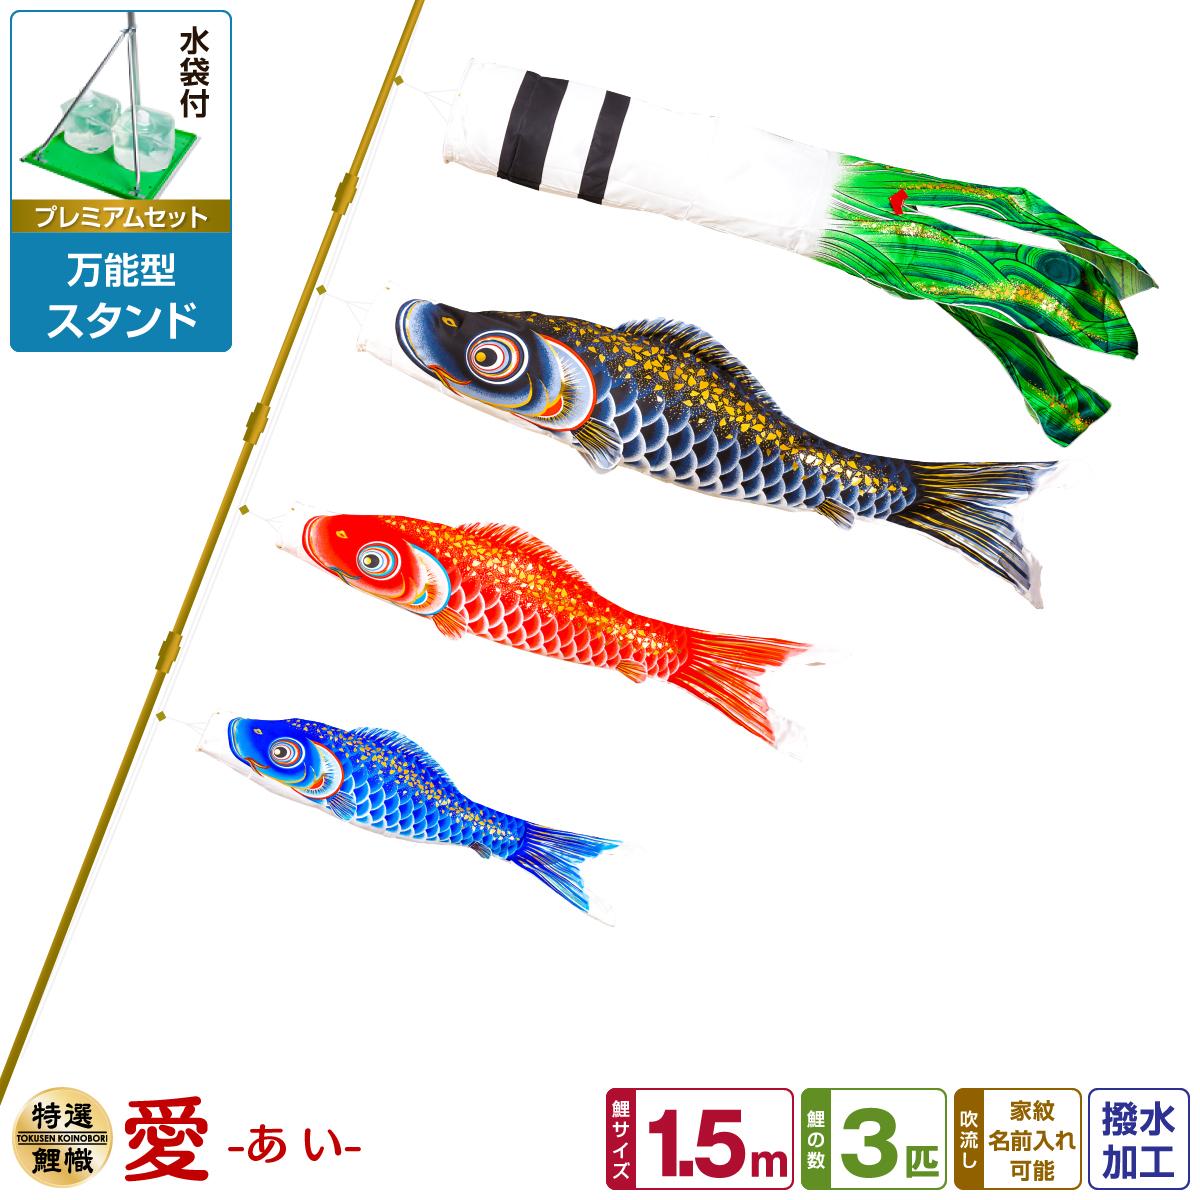 ベランダ用 こいのぼり 鯉のぼり 愛 1.5m 6点(吹流し+鯉3匹+矢車+ロープ)/プレミアムセット(万能スタンド)